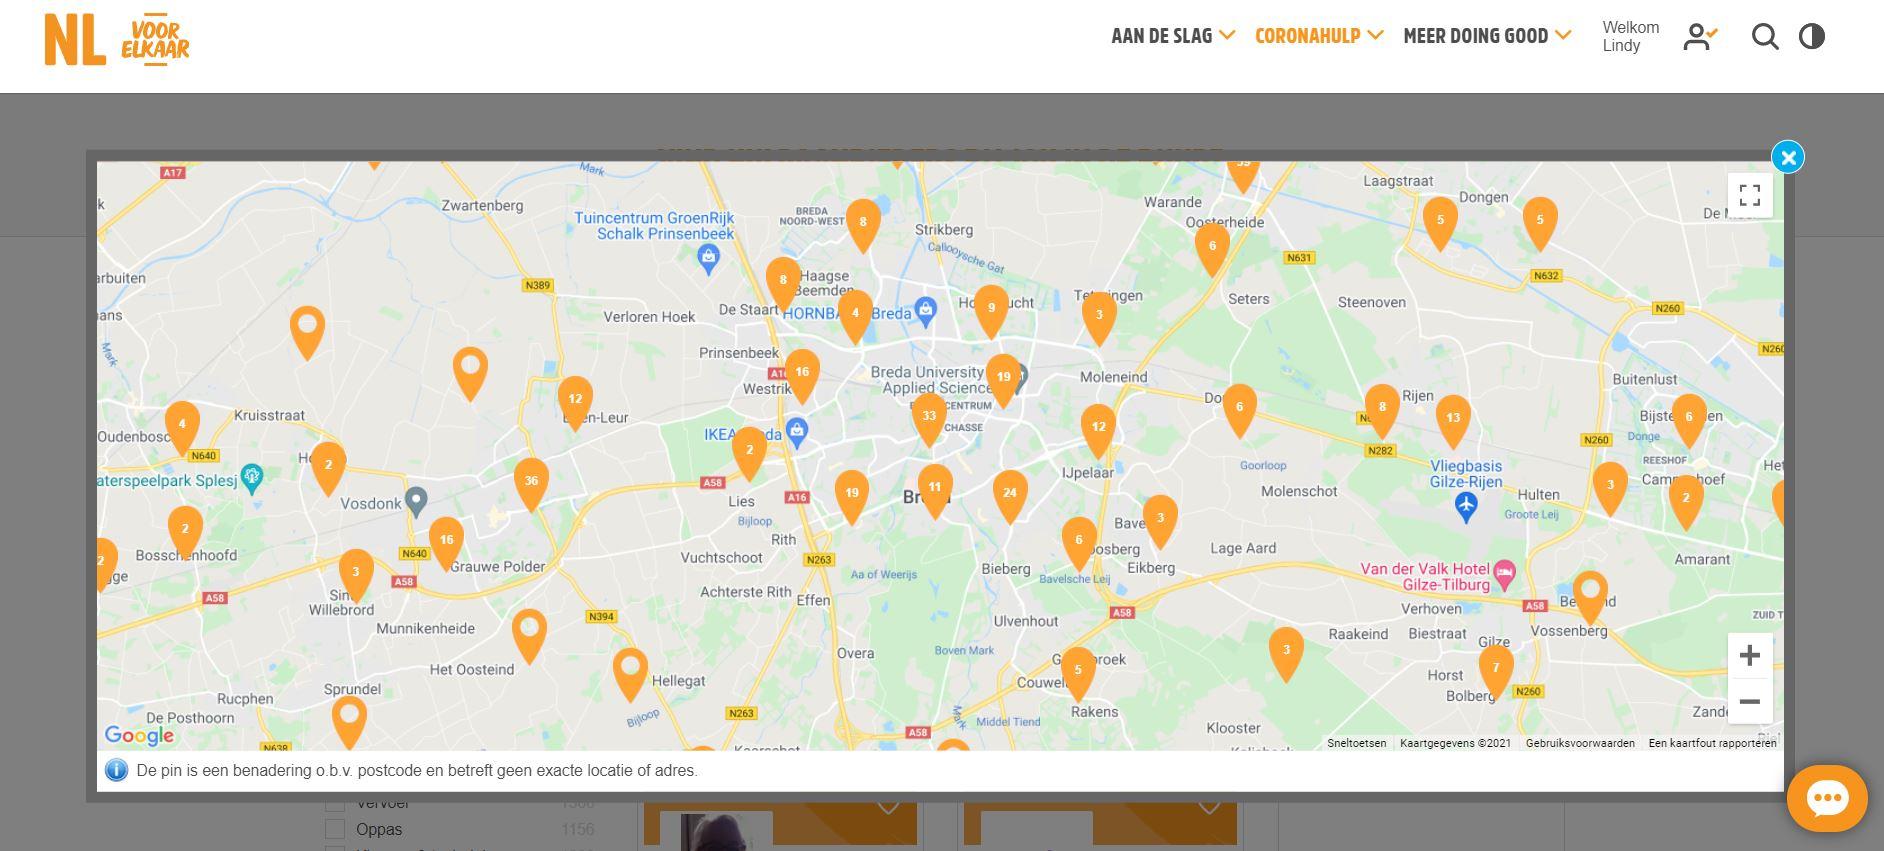 Helpcentrum_-_bekijk_op_kaart.JPG